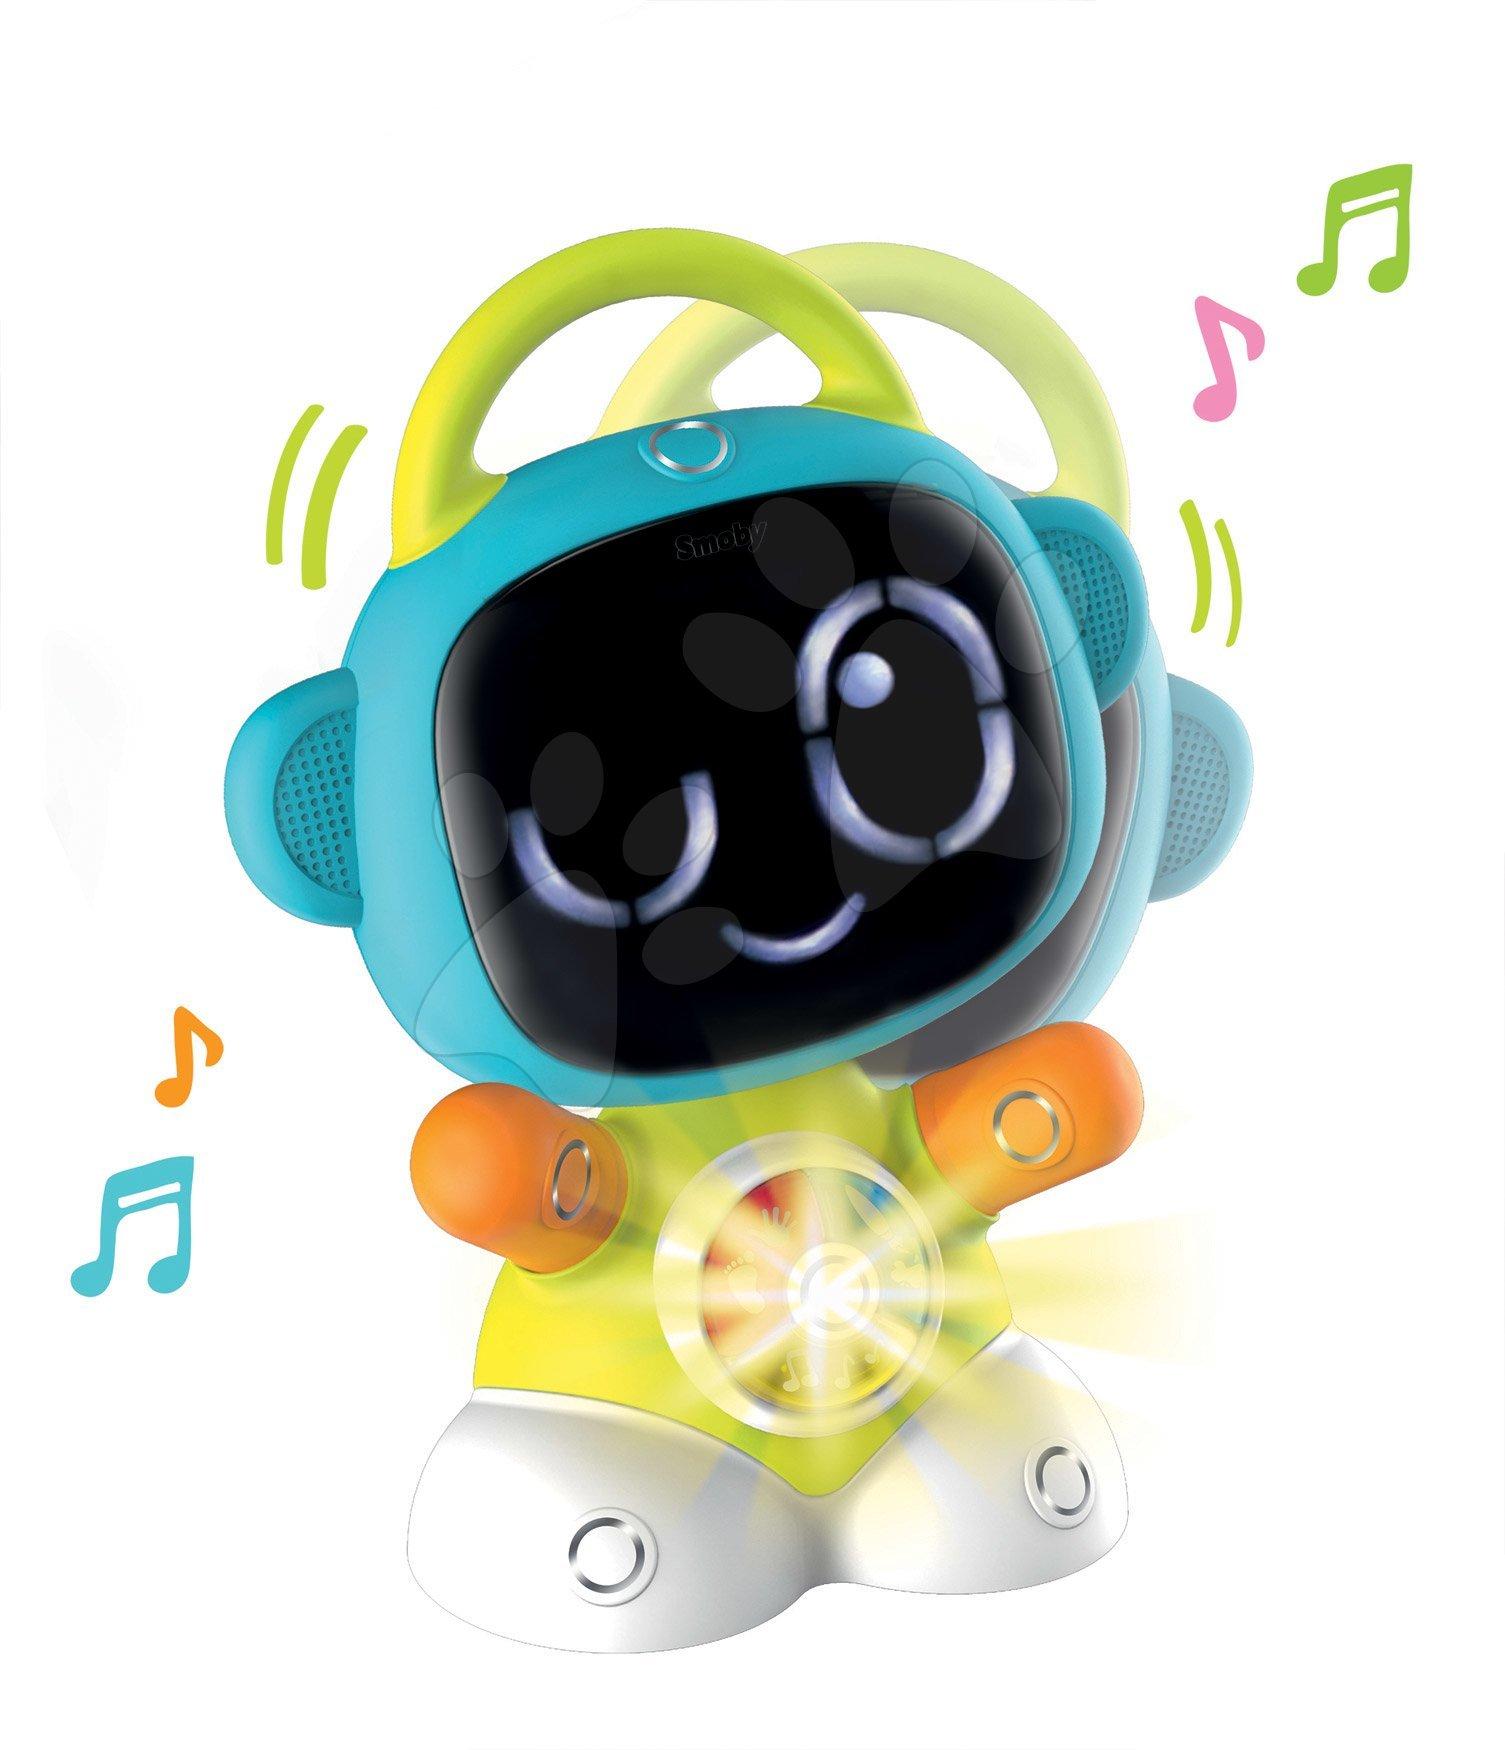 Interaktivne igrače - Interaktivni Robot TIC Smart Smoby s 3 poučnimi igrami